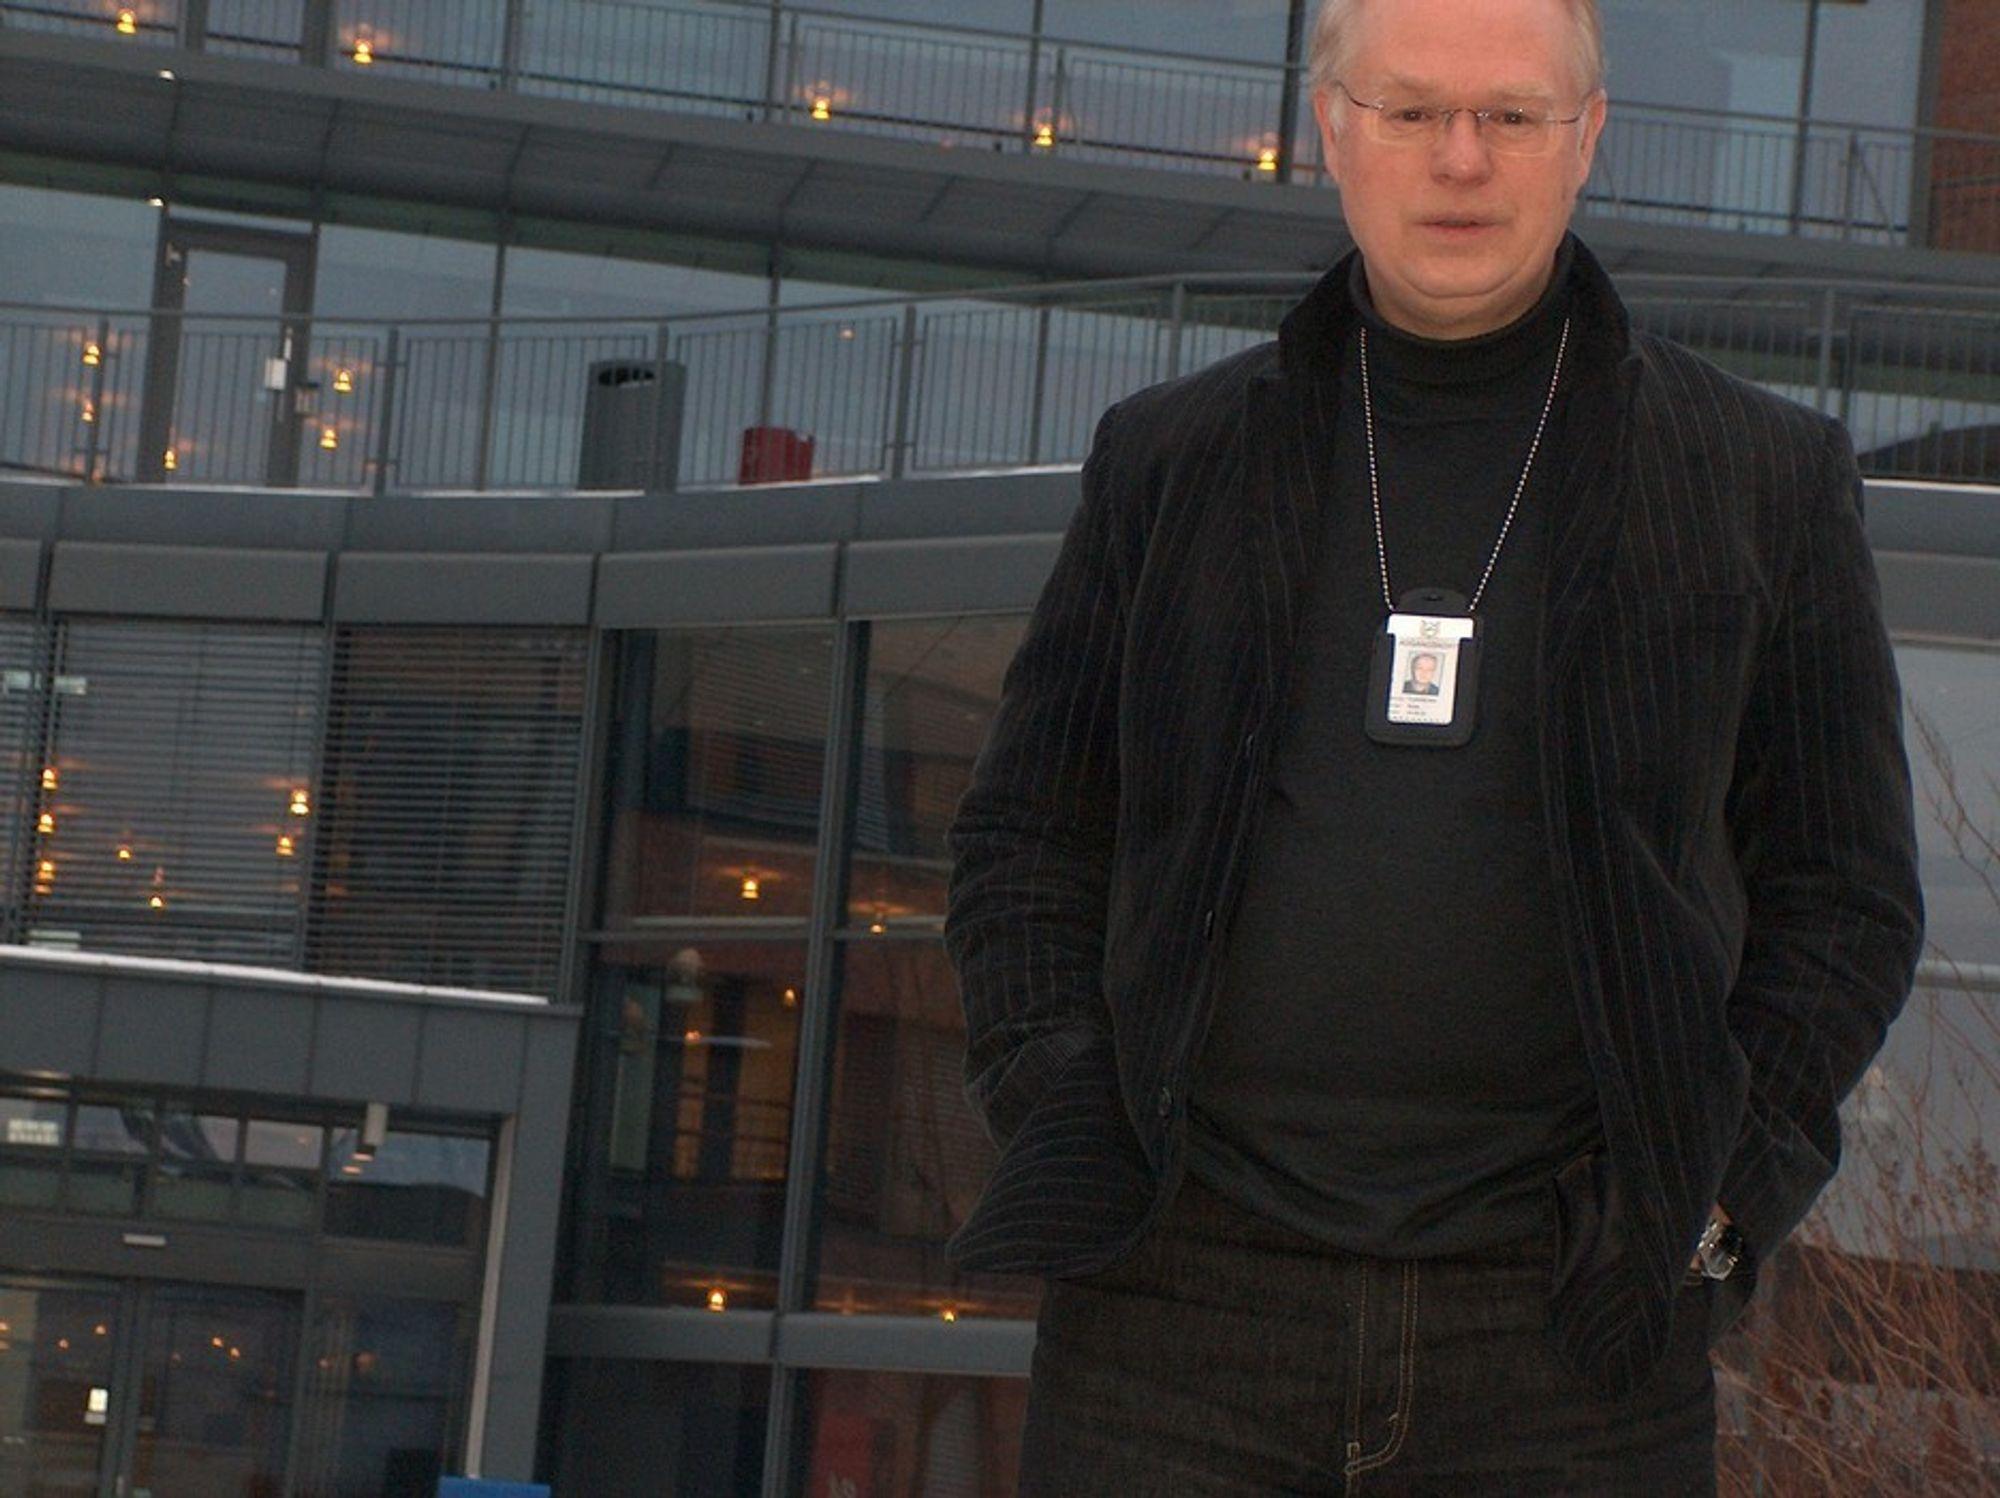 """Rune Fløisbonn leder politiets fremste team av eksperter på computer forensics. Men politiets ressurser er små, og de står reelt sett maktesløse overfor en kriminell """"nisje"""" som passerte narkotikahandelen i USA i fjor."""